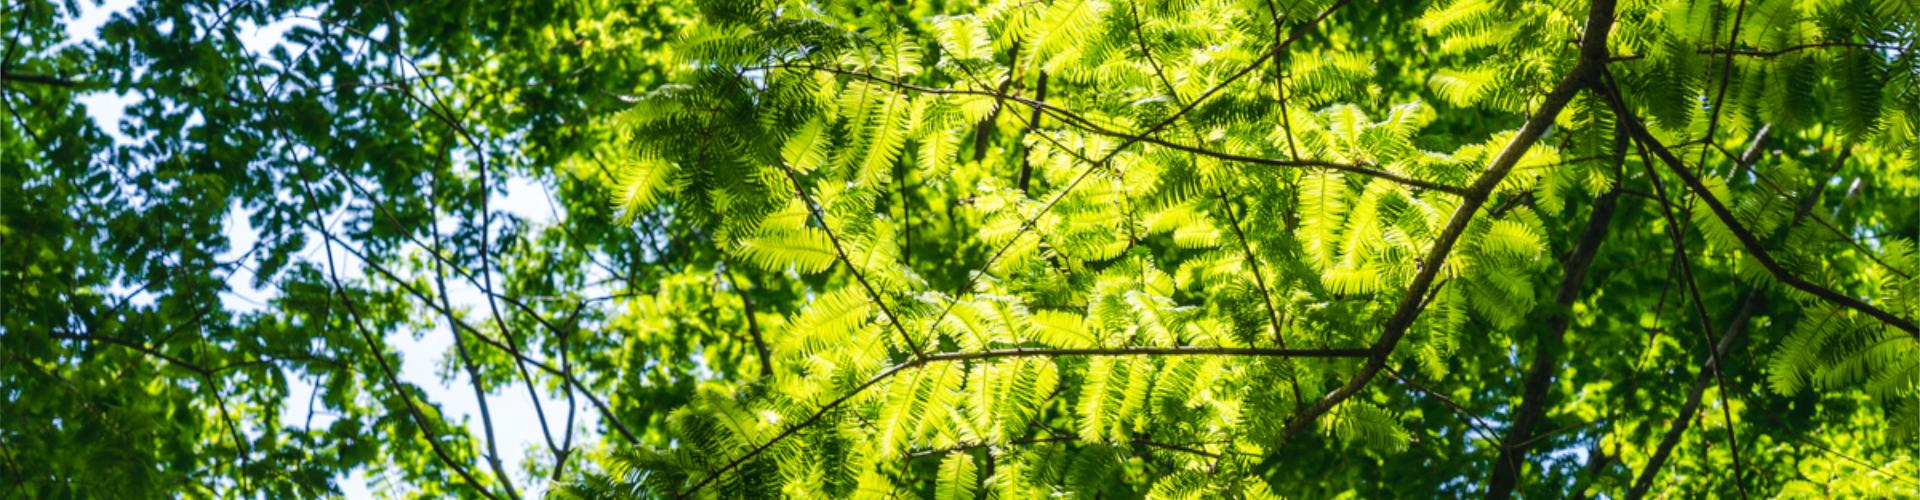 빛을 받는 나뭇잎